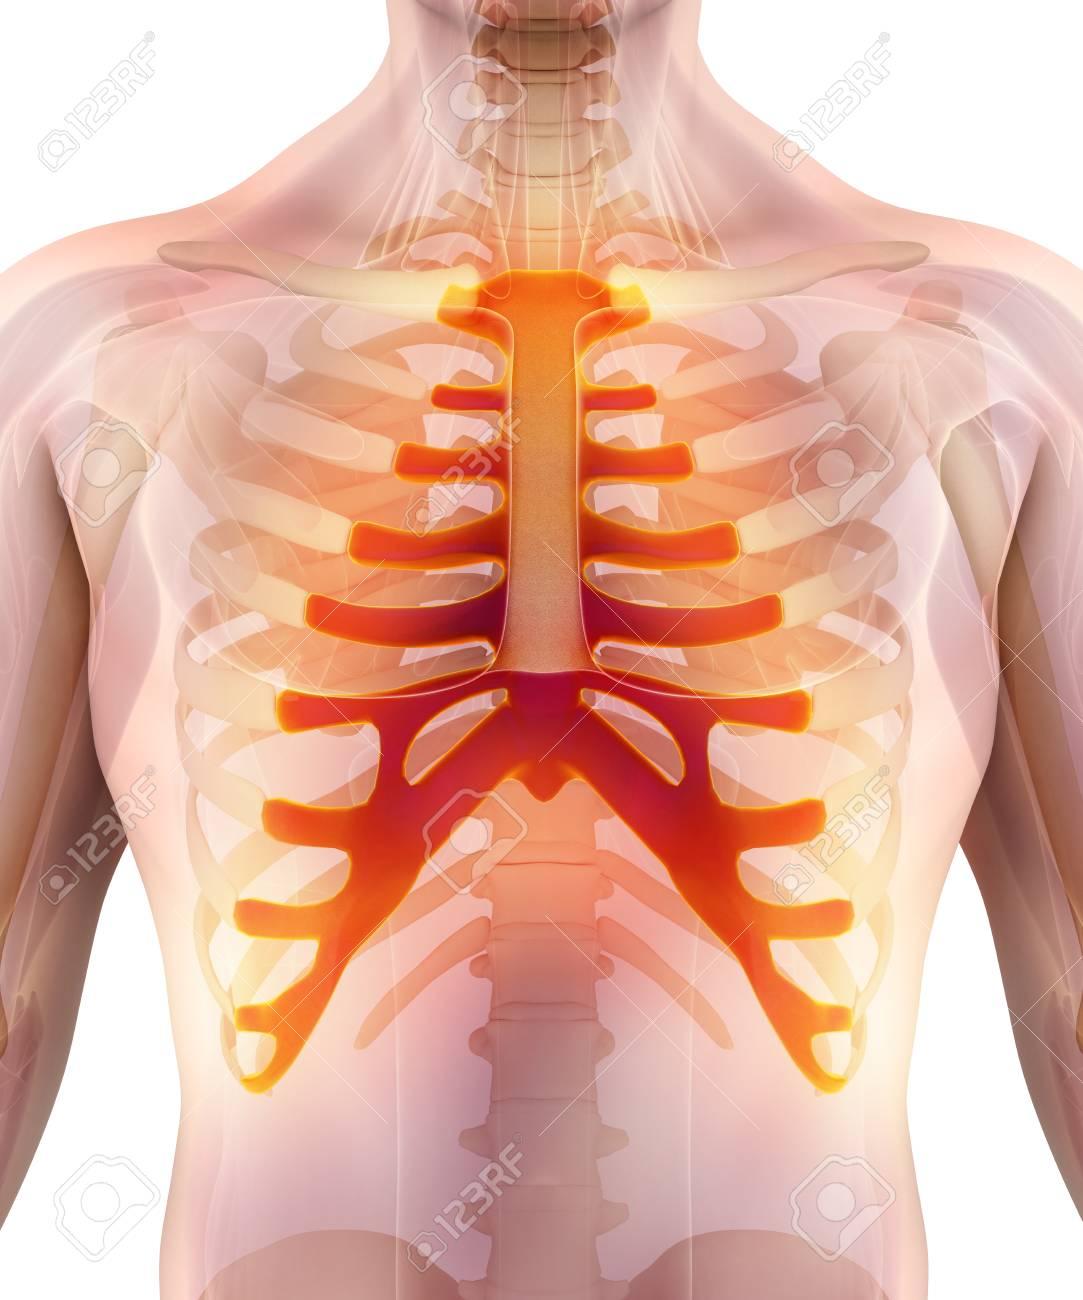 Ilustración 3D Del Esternón - Parte Del Esqueleto Humano. Fotos ...